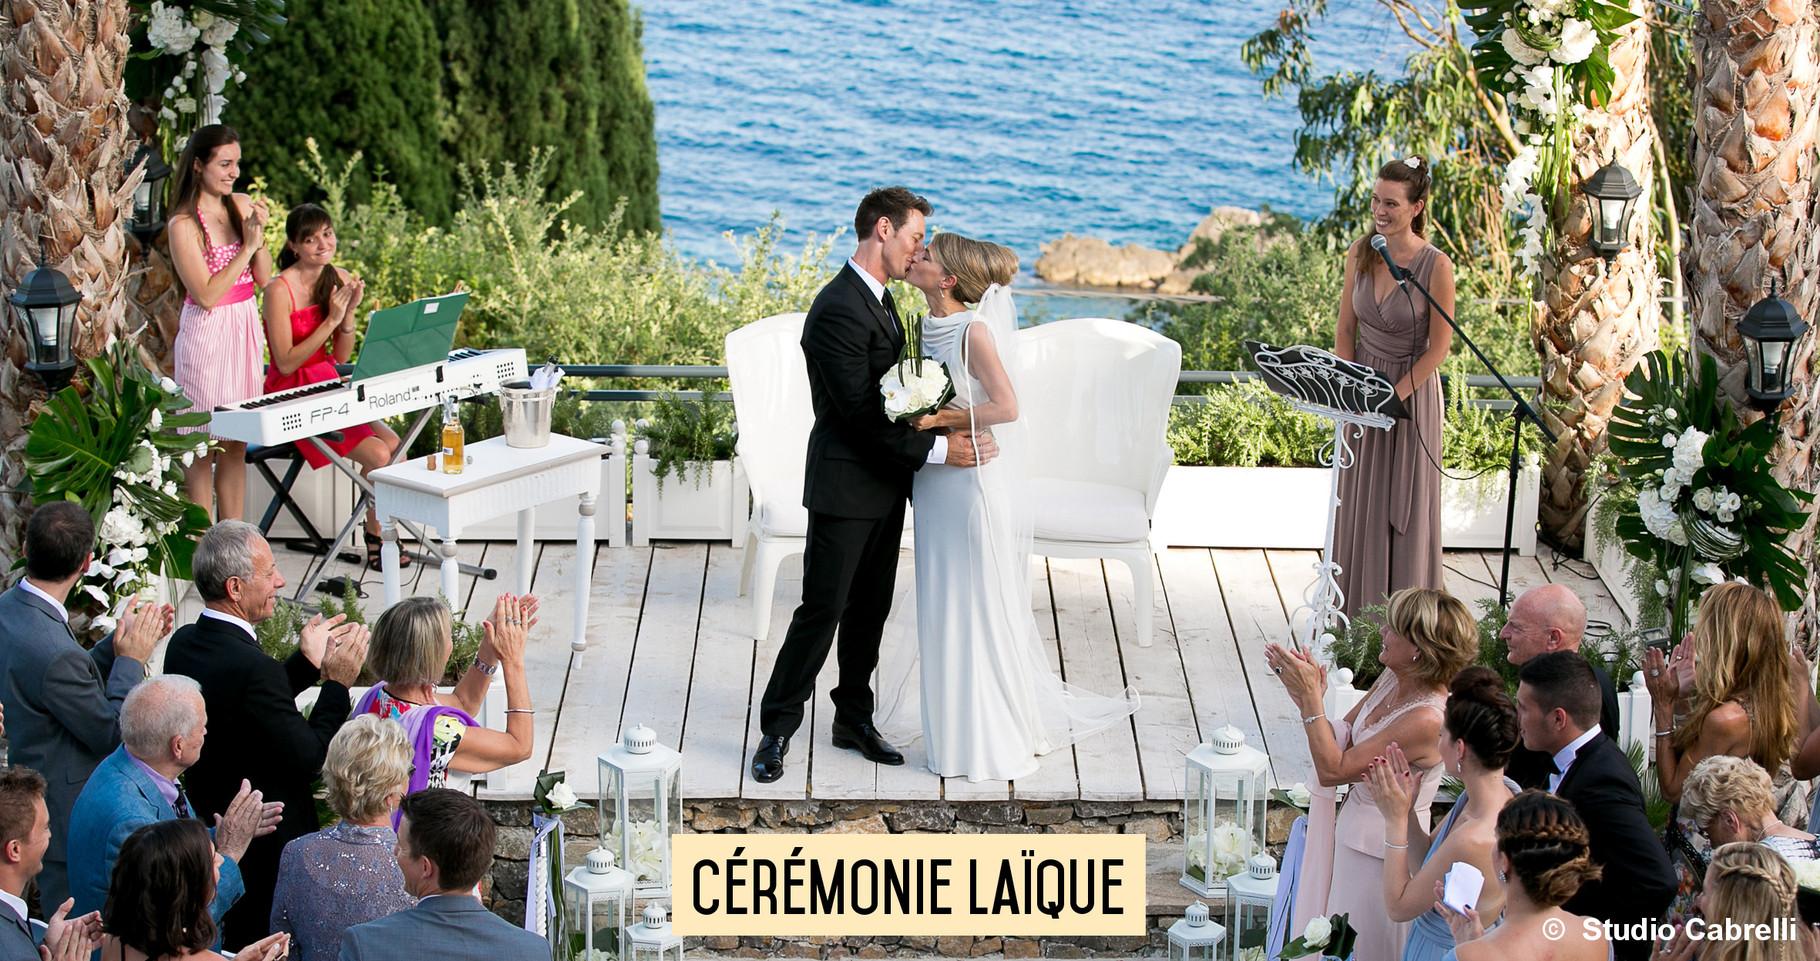 la crmonie laque - Mariage Laic